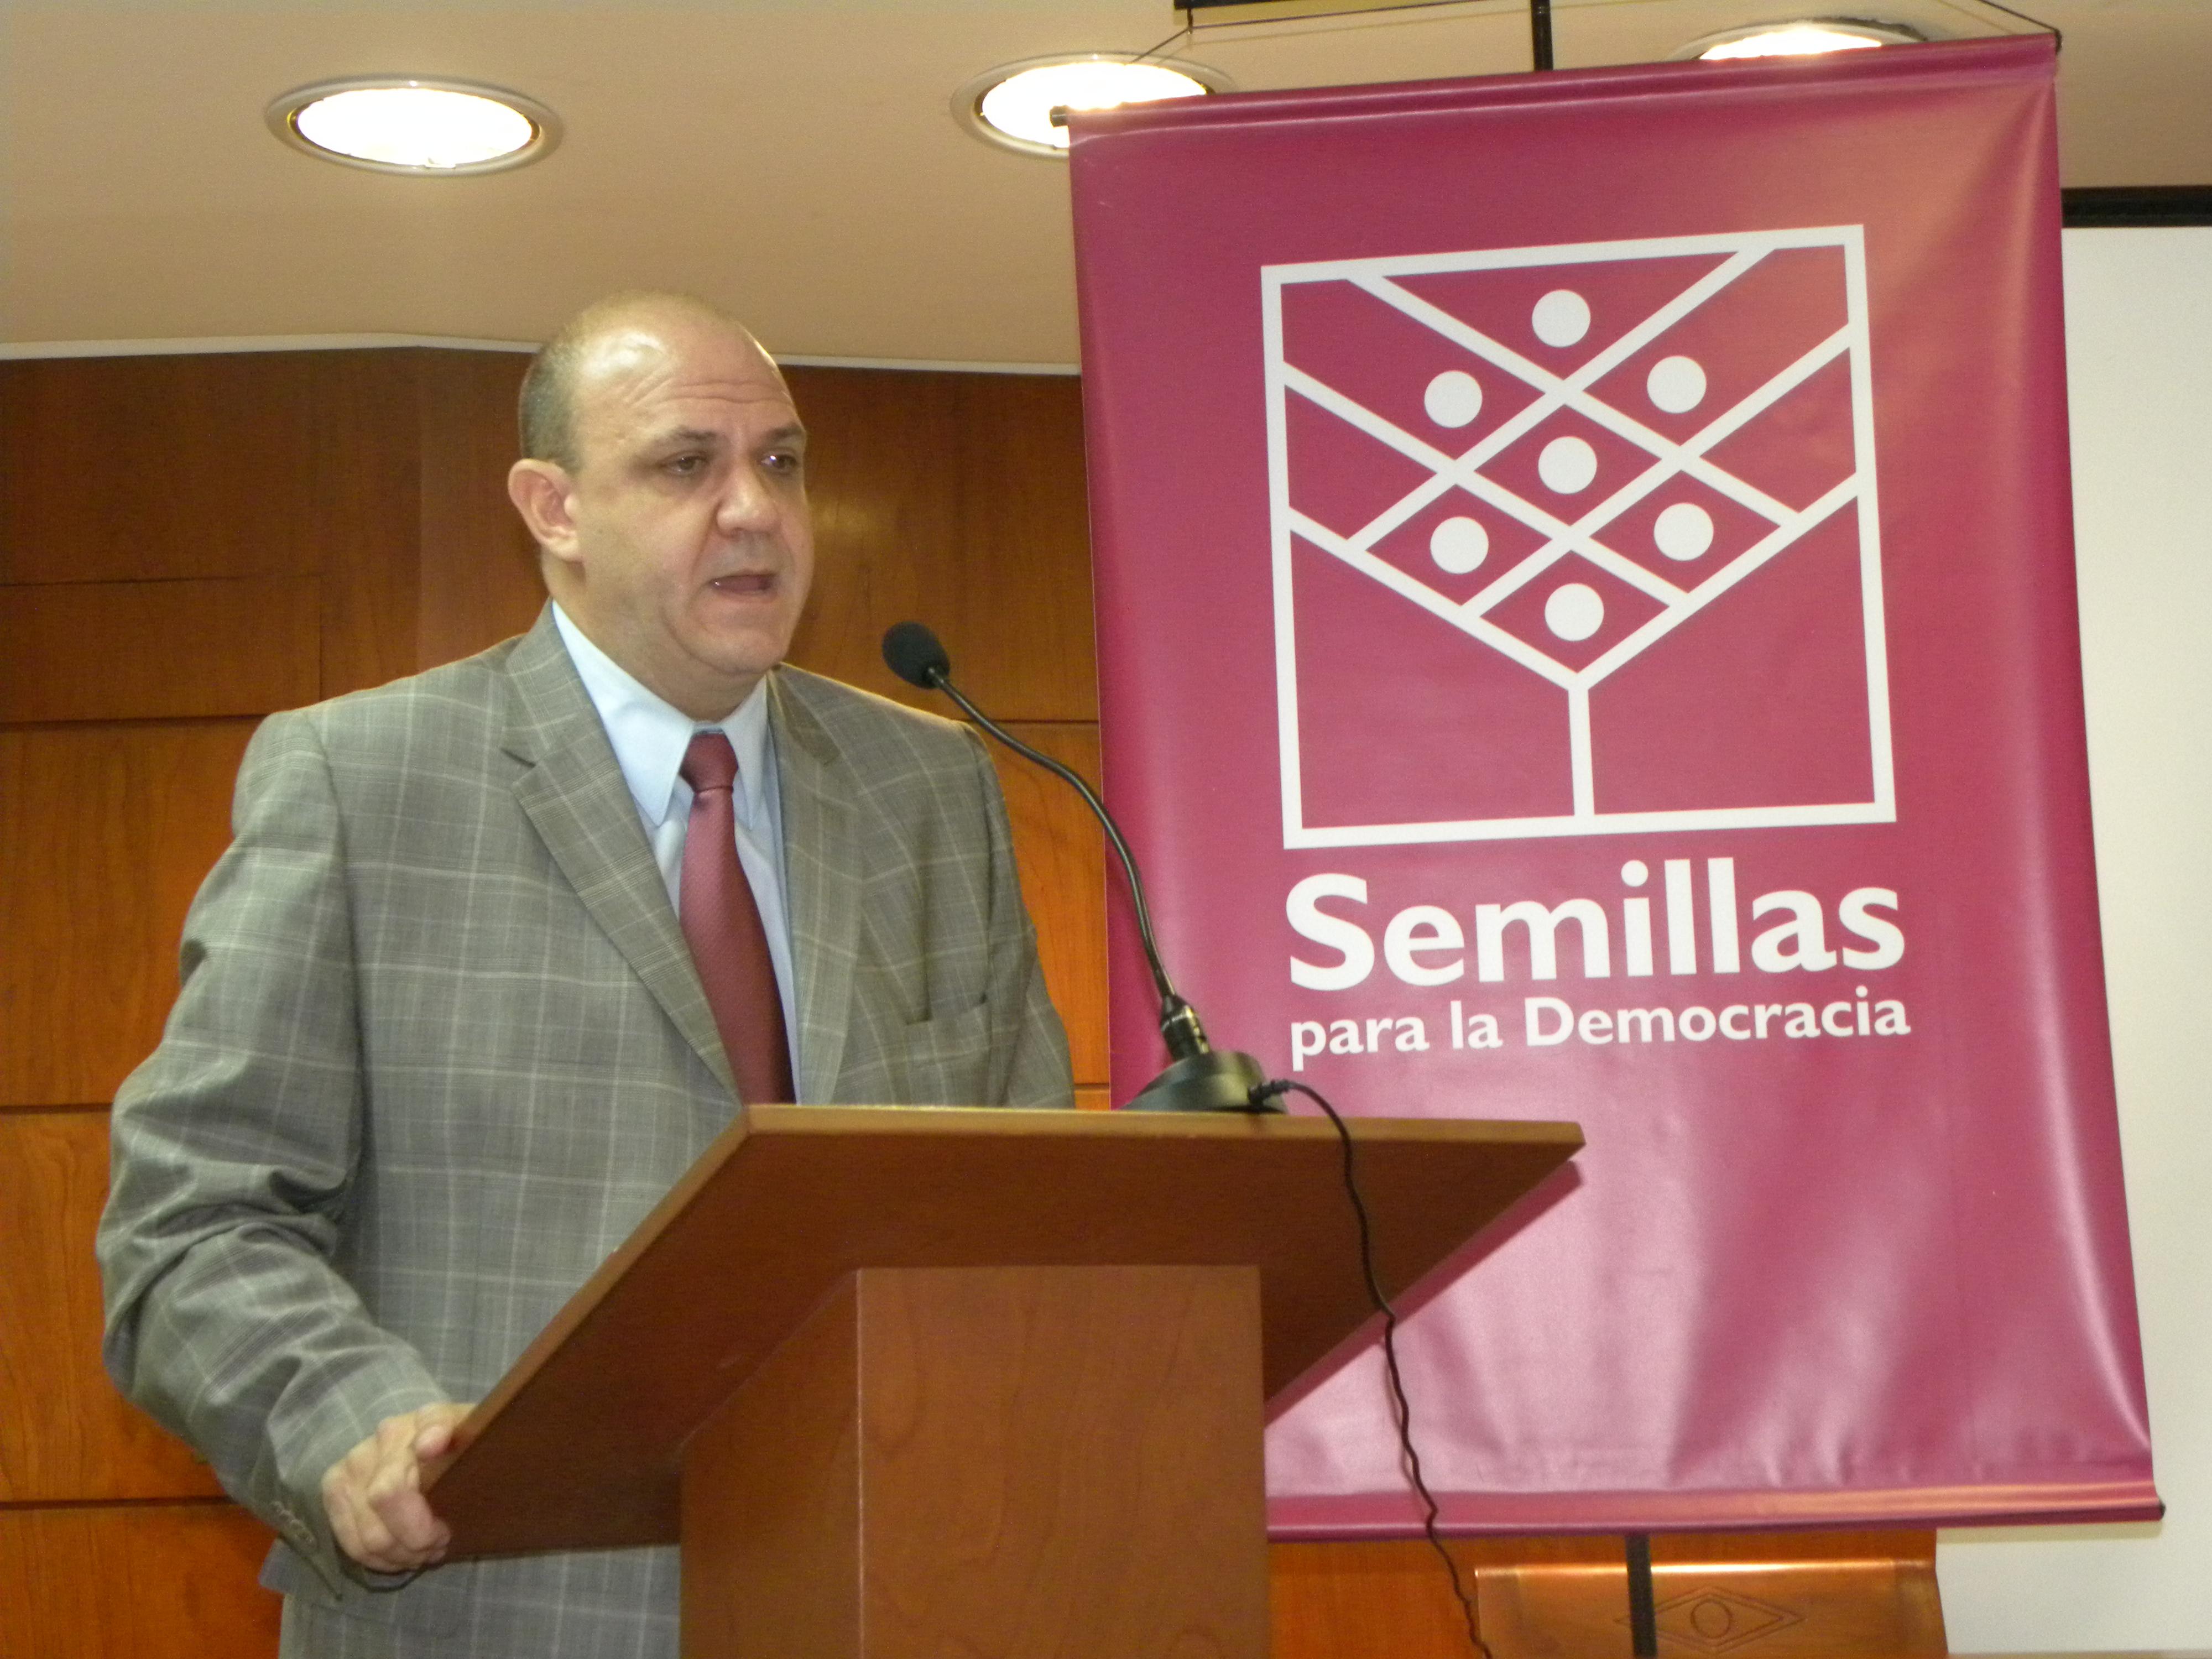 El Prof. José Ignacio González Macchi fue el encargado de desarrollar el taller